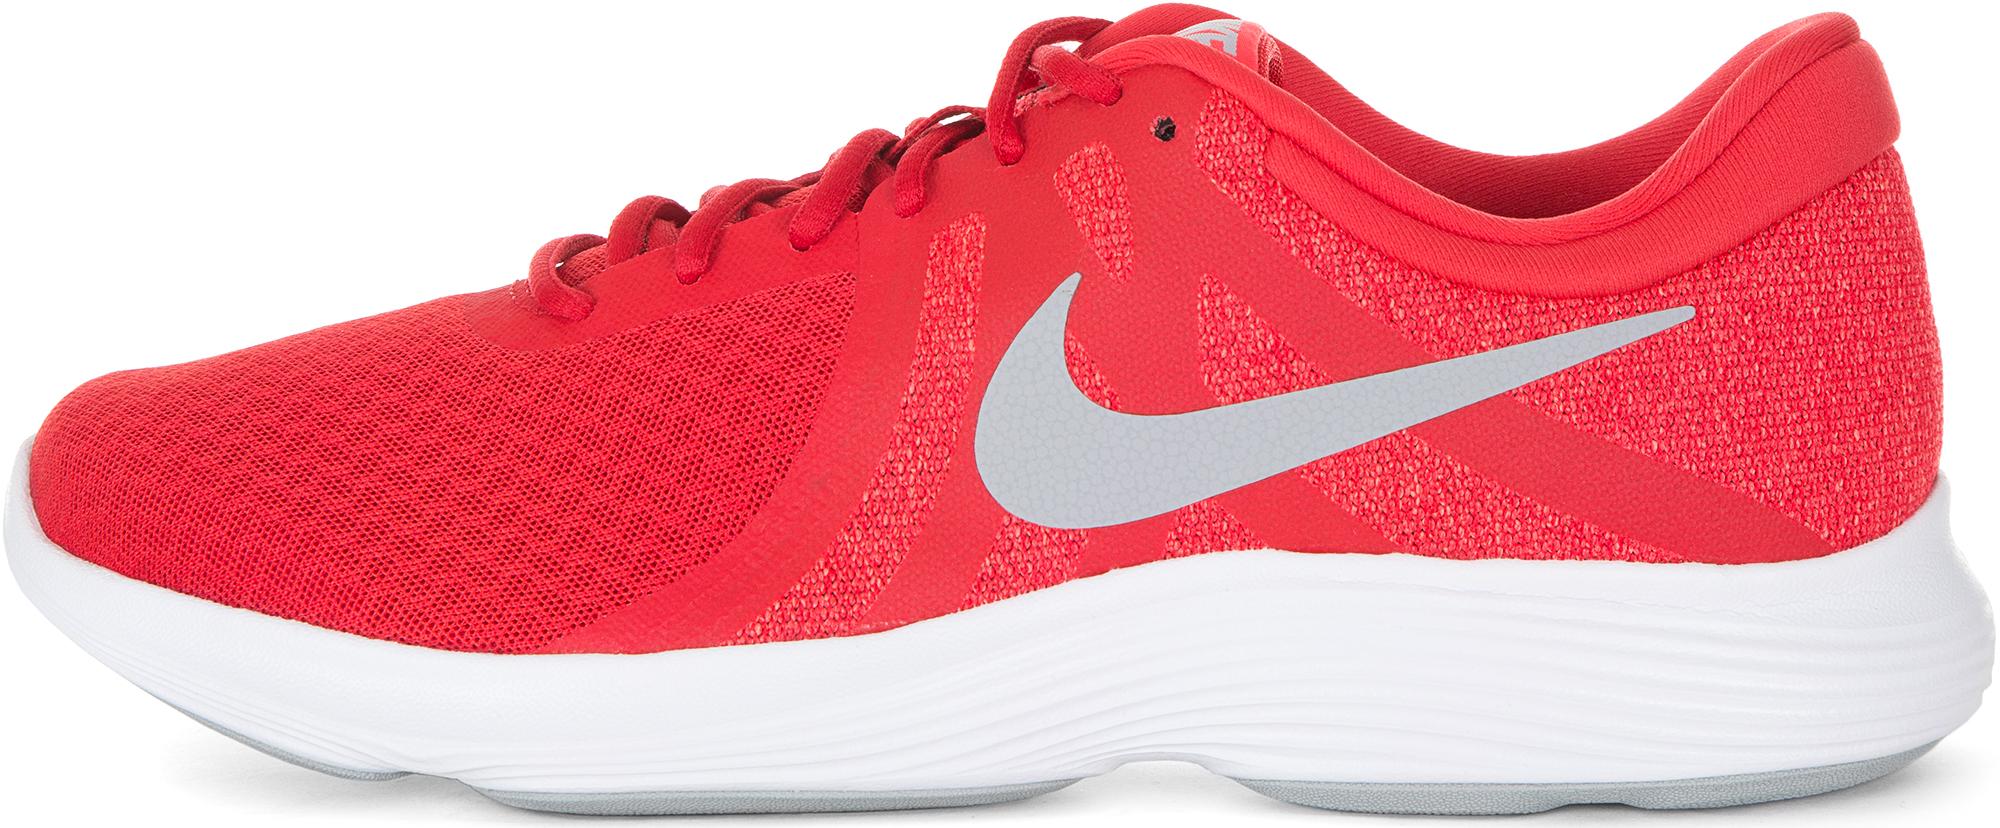 435939a6 где купить Nike Кроссовки мужские Nike Revolution 4, размер 46,5 по лучшей  цене